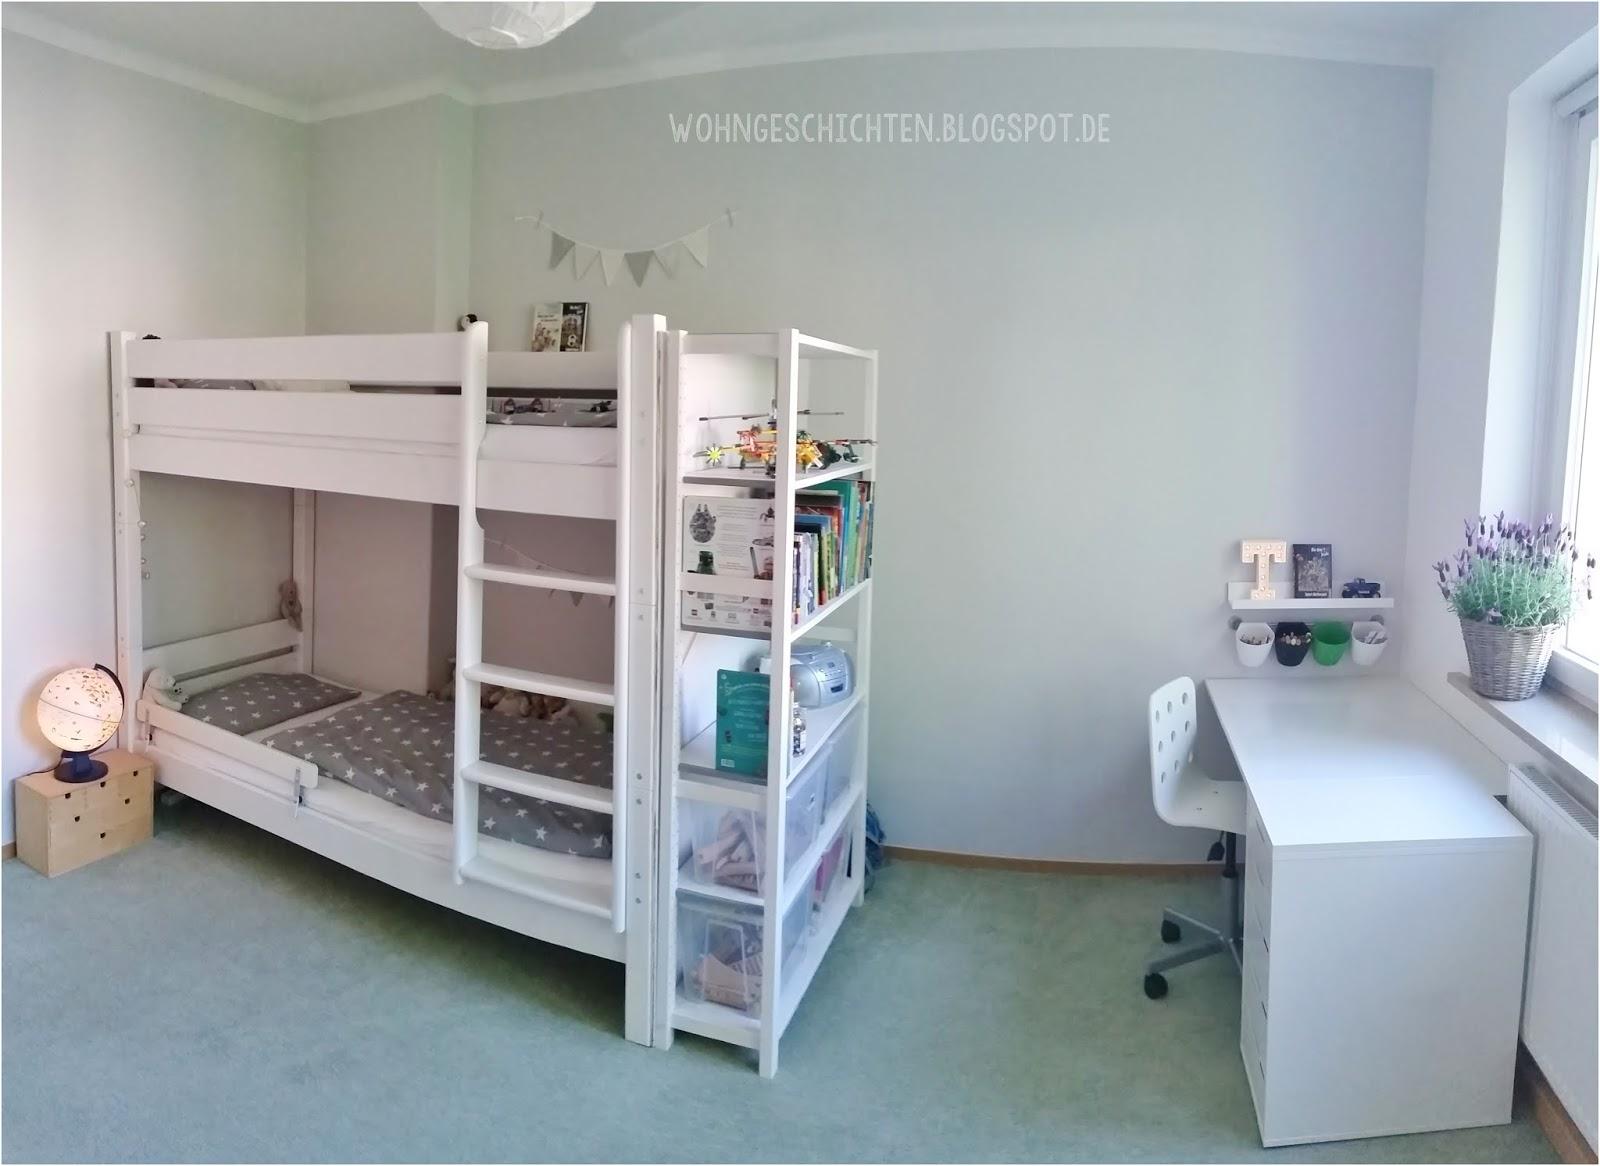 wohngeschichten unser neues kinderzimmer. Black Bedroom Furniture Sets. Home Design Ideas